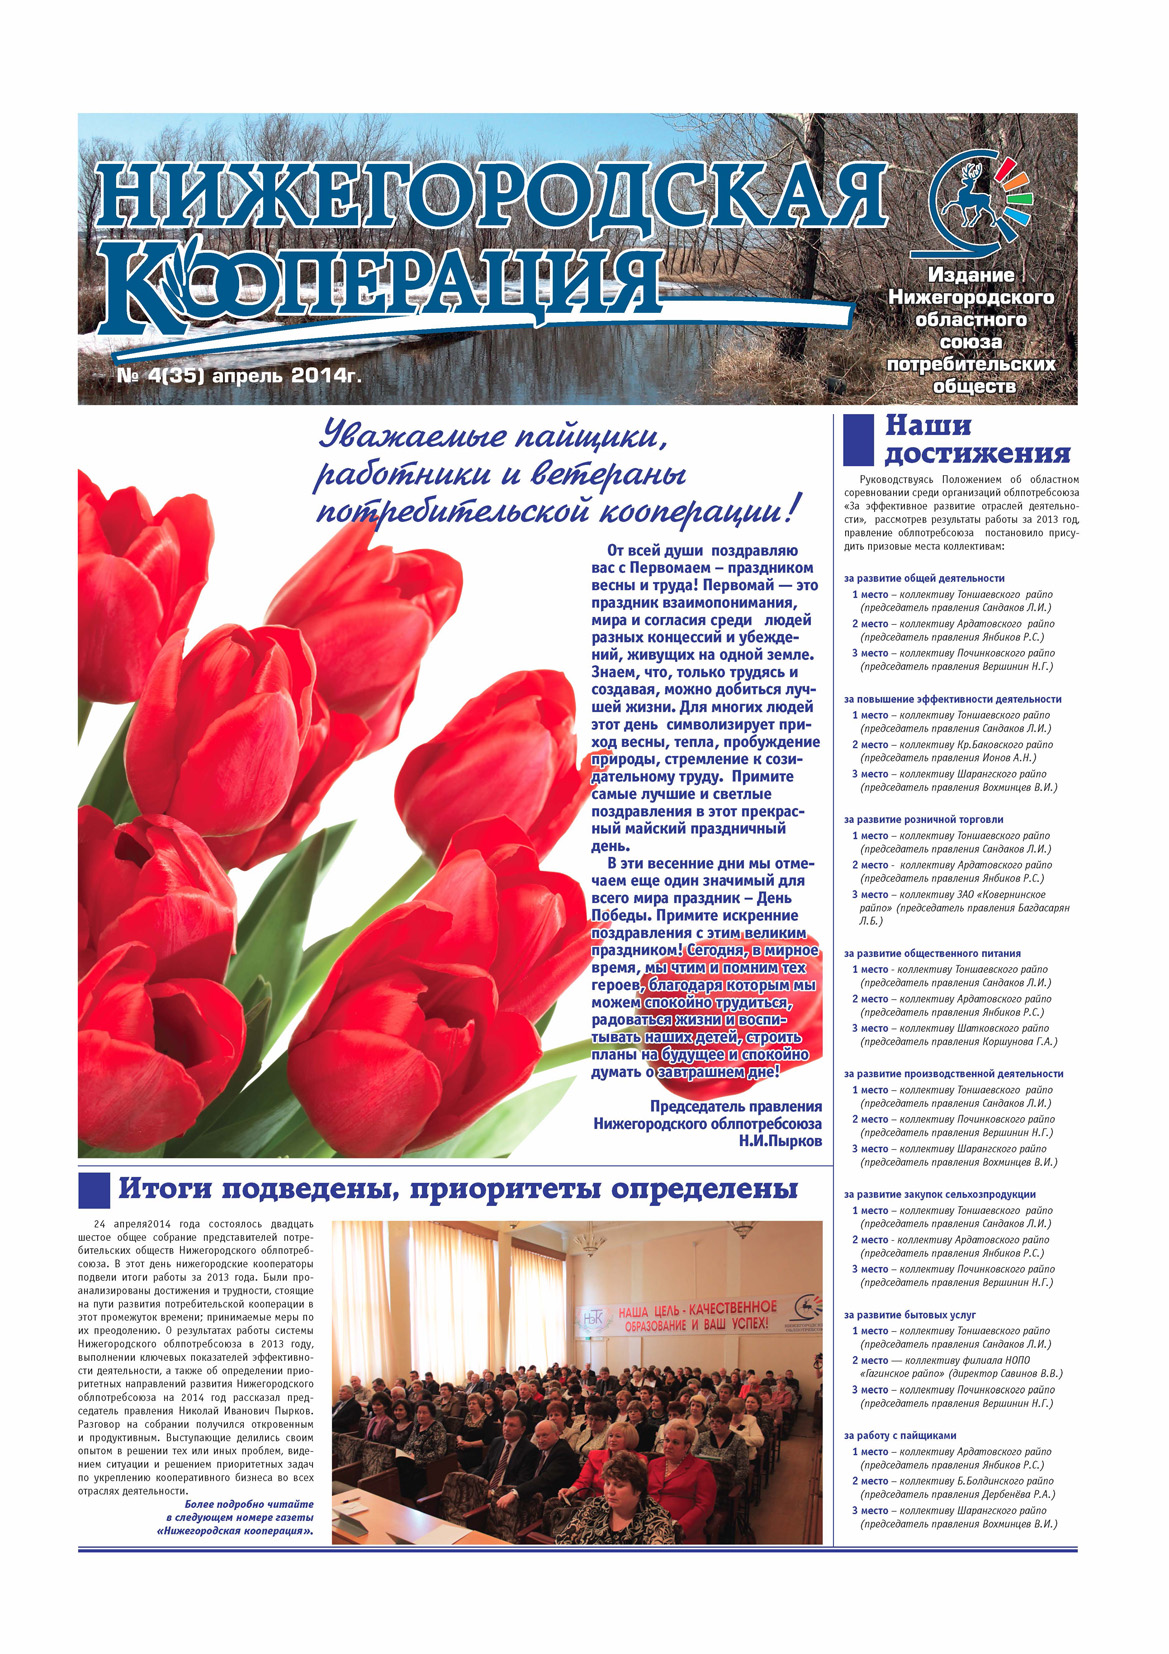 Нижегородская кооперация 4 2014 г